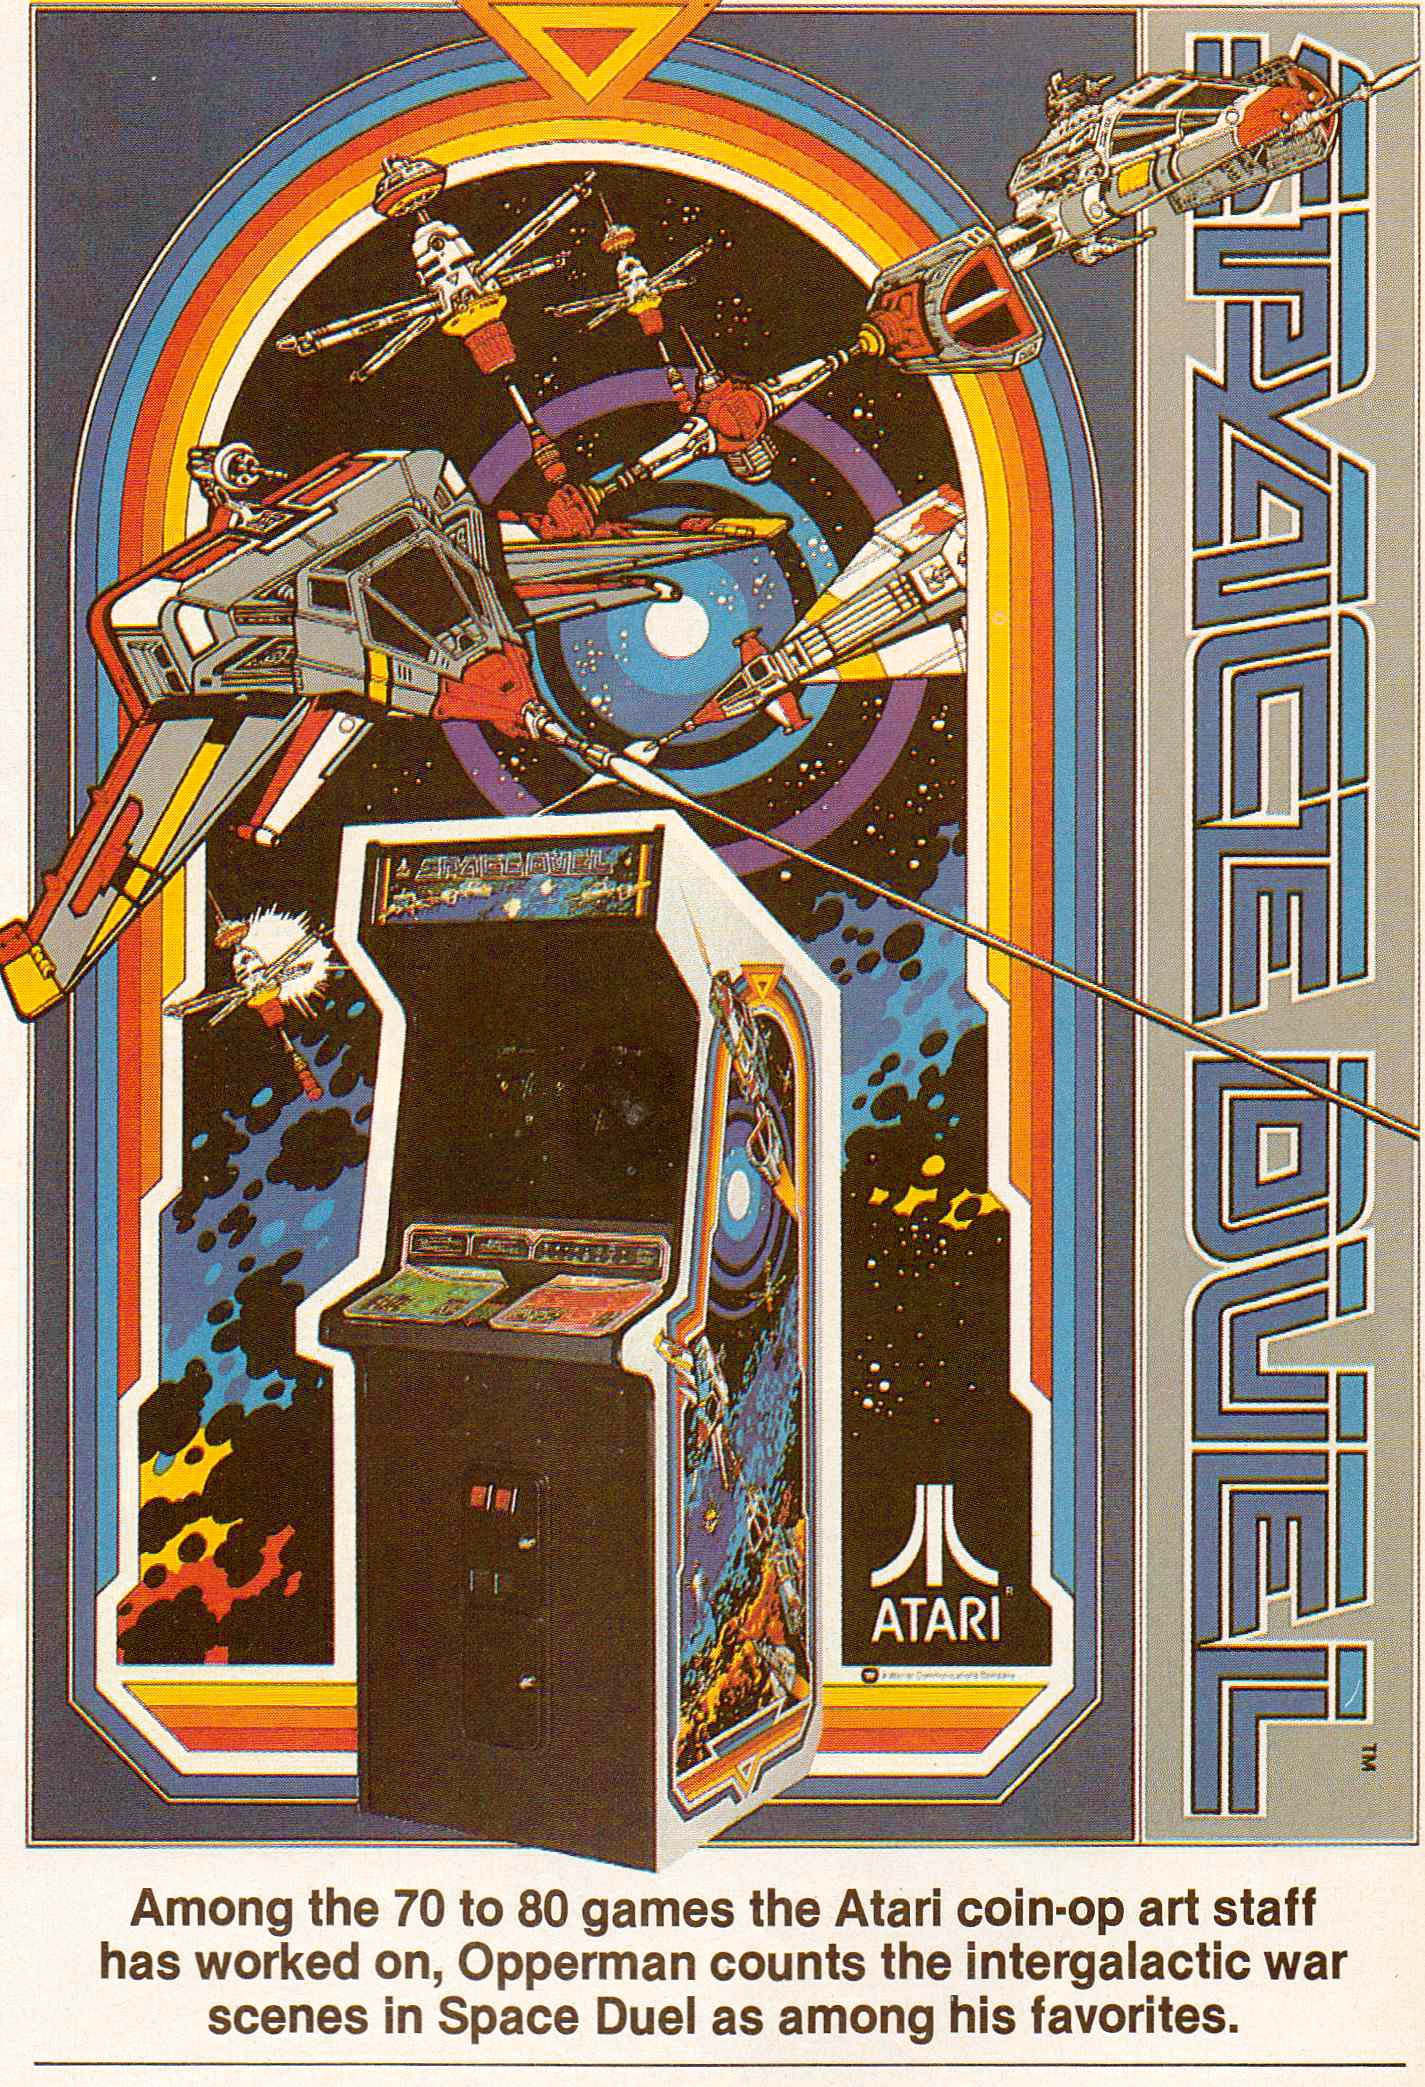 Die Illustrationen zu Ataris Weltraumspiel Space Duel. (Bild: Atari)